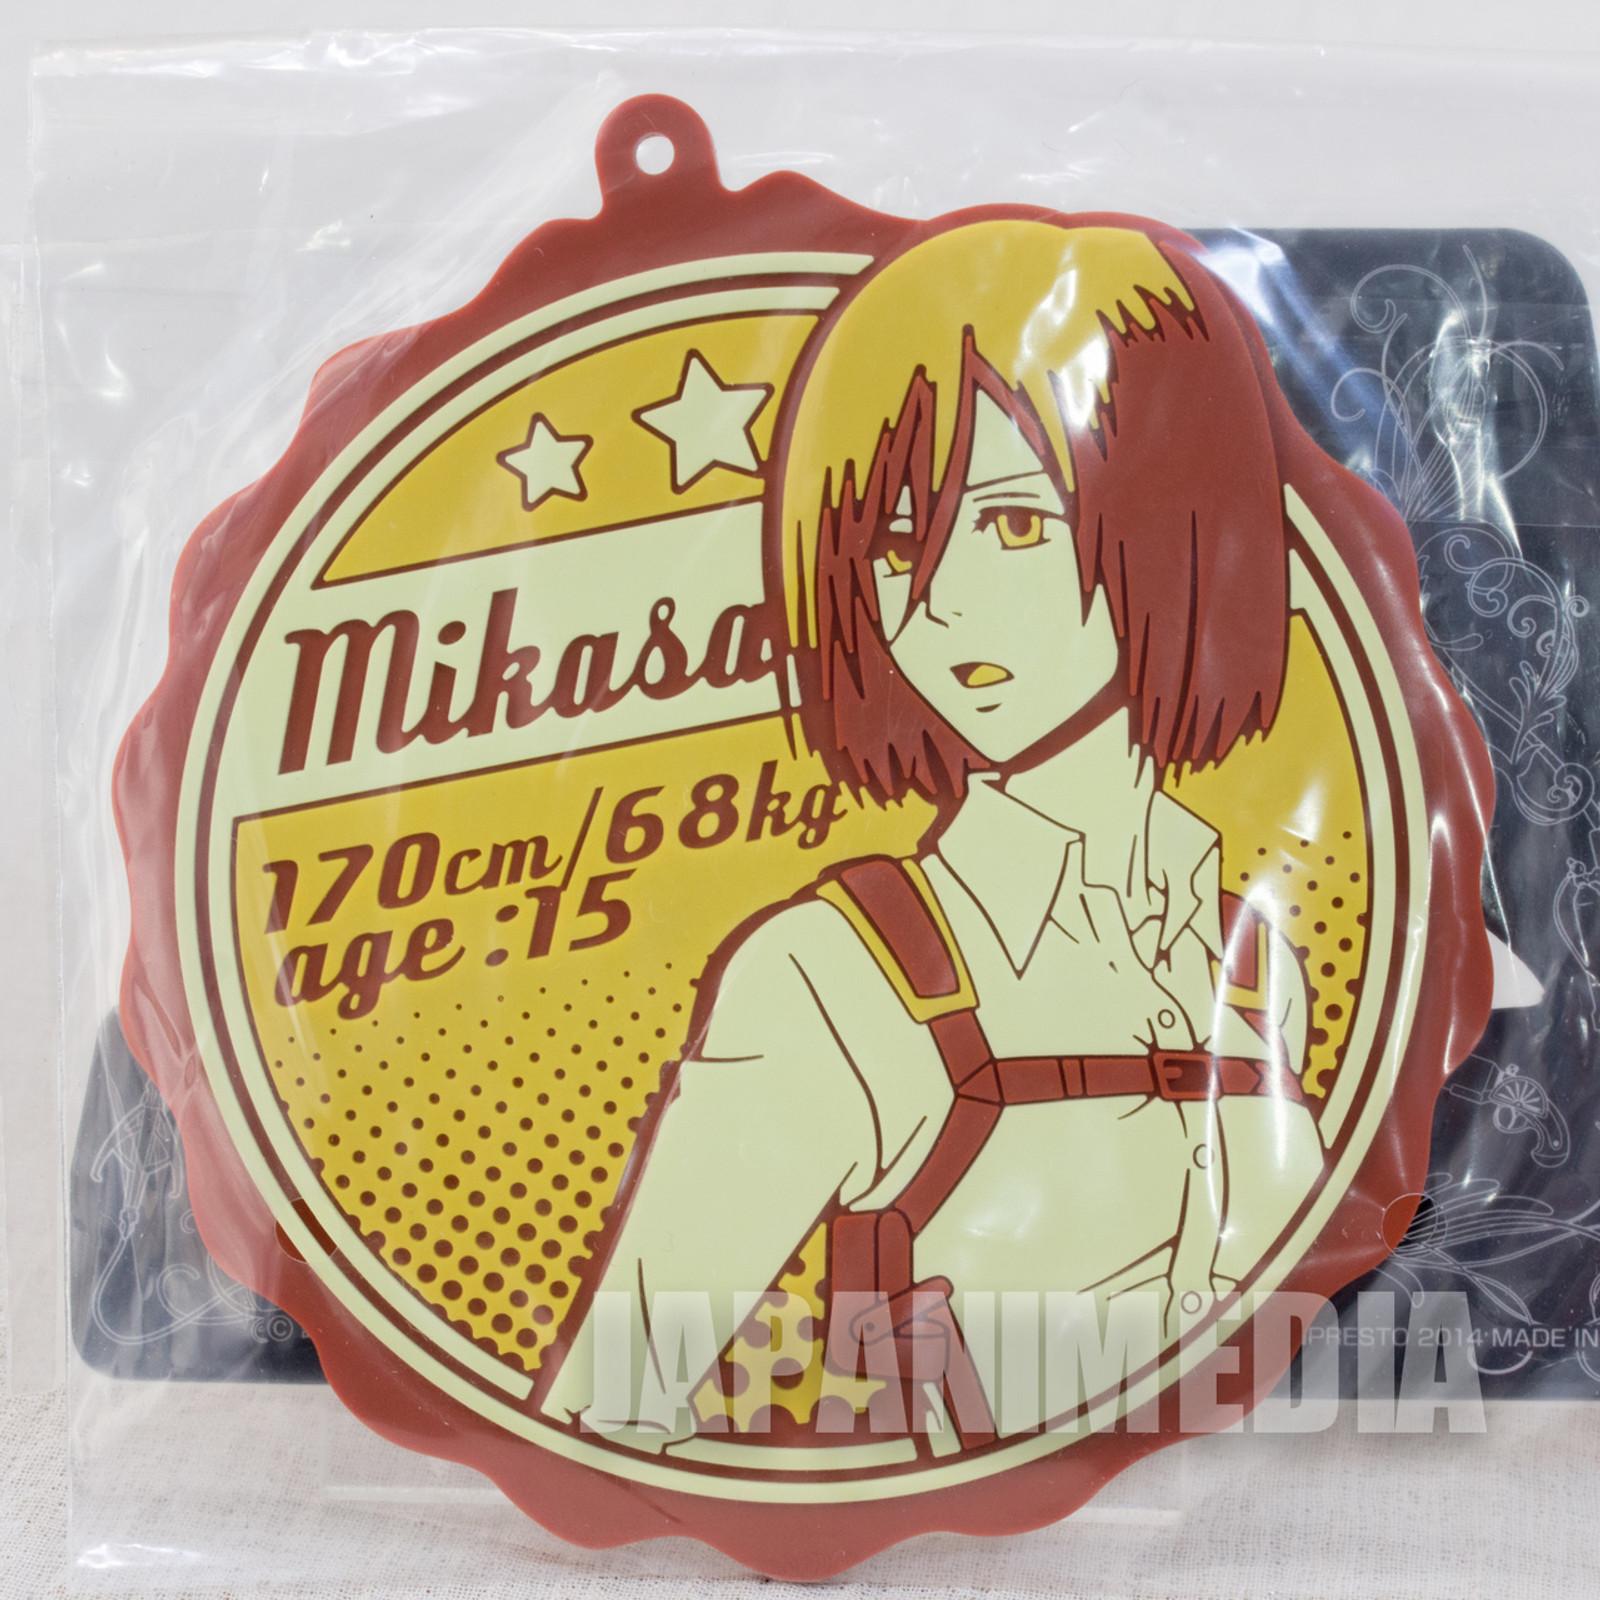 Attack on Titan Rubber Coaster Mikasa Ackerman Banpresto JAPAN ANIME MANGA